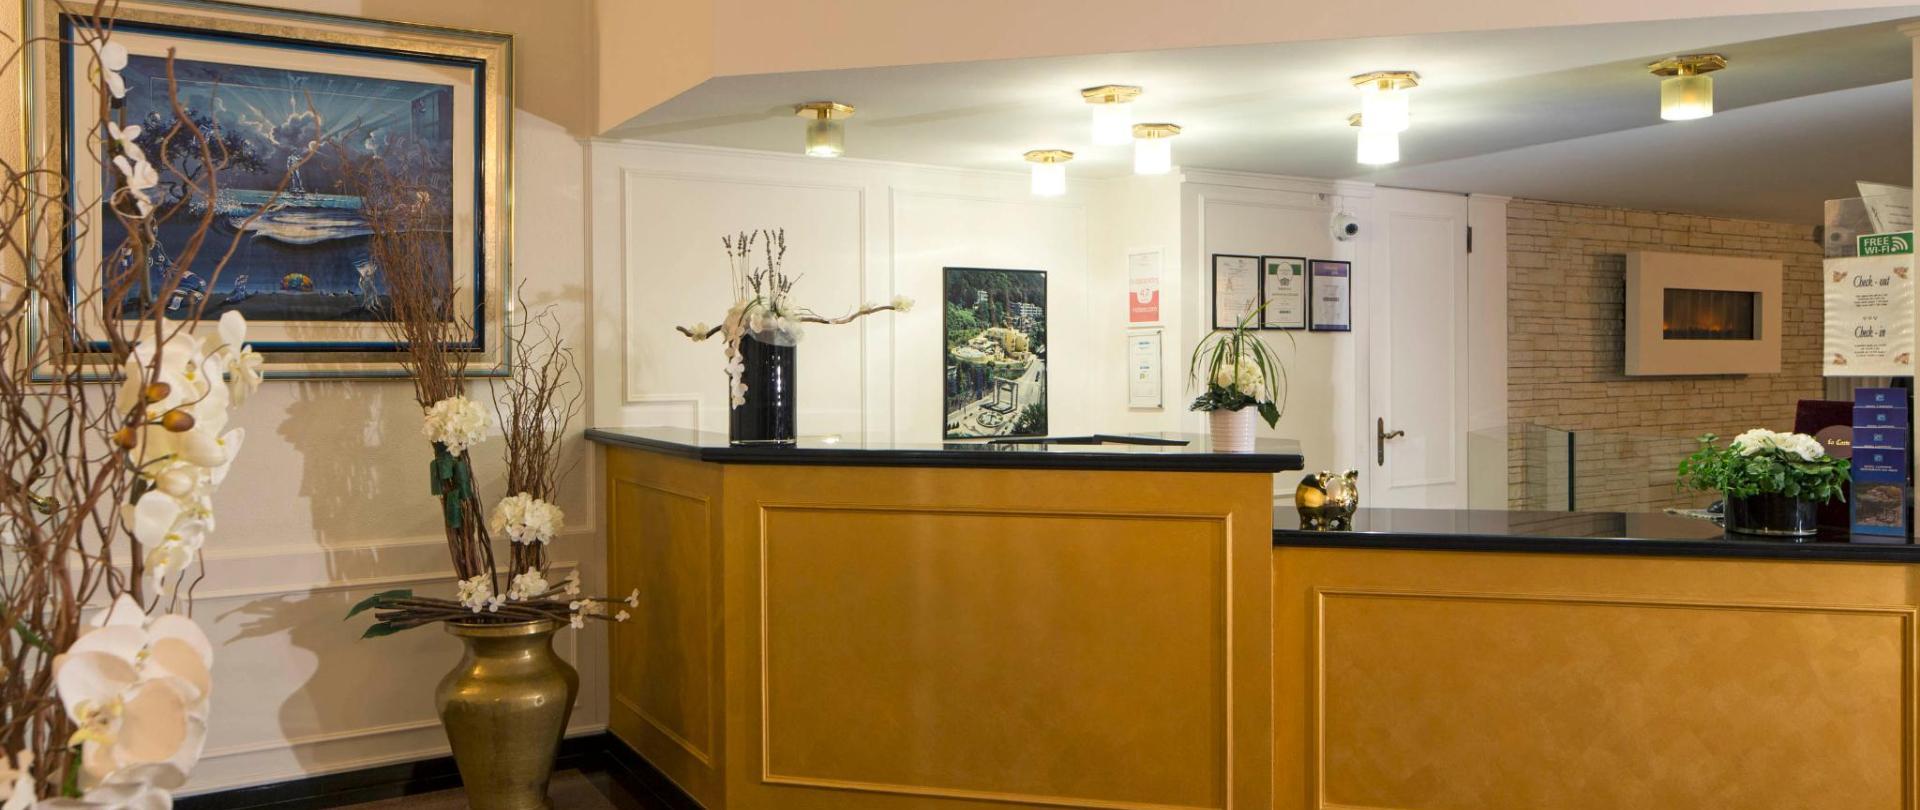 hotel-campione-bissone-reception.jpg